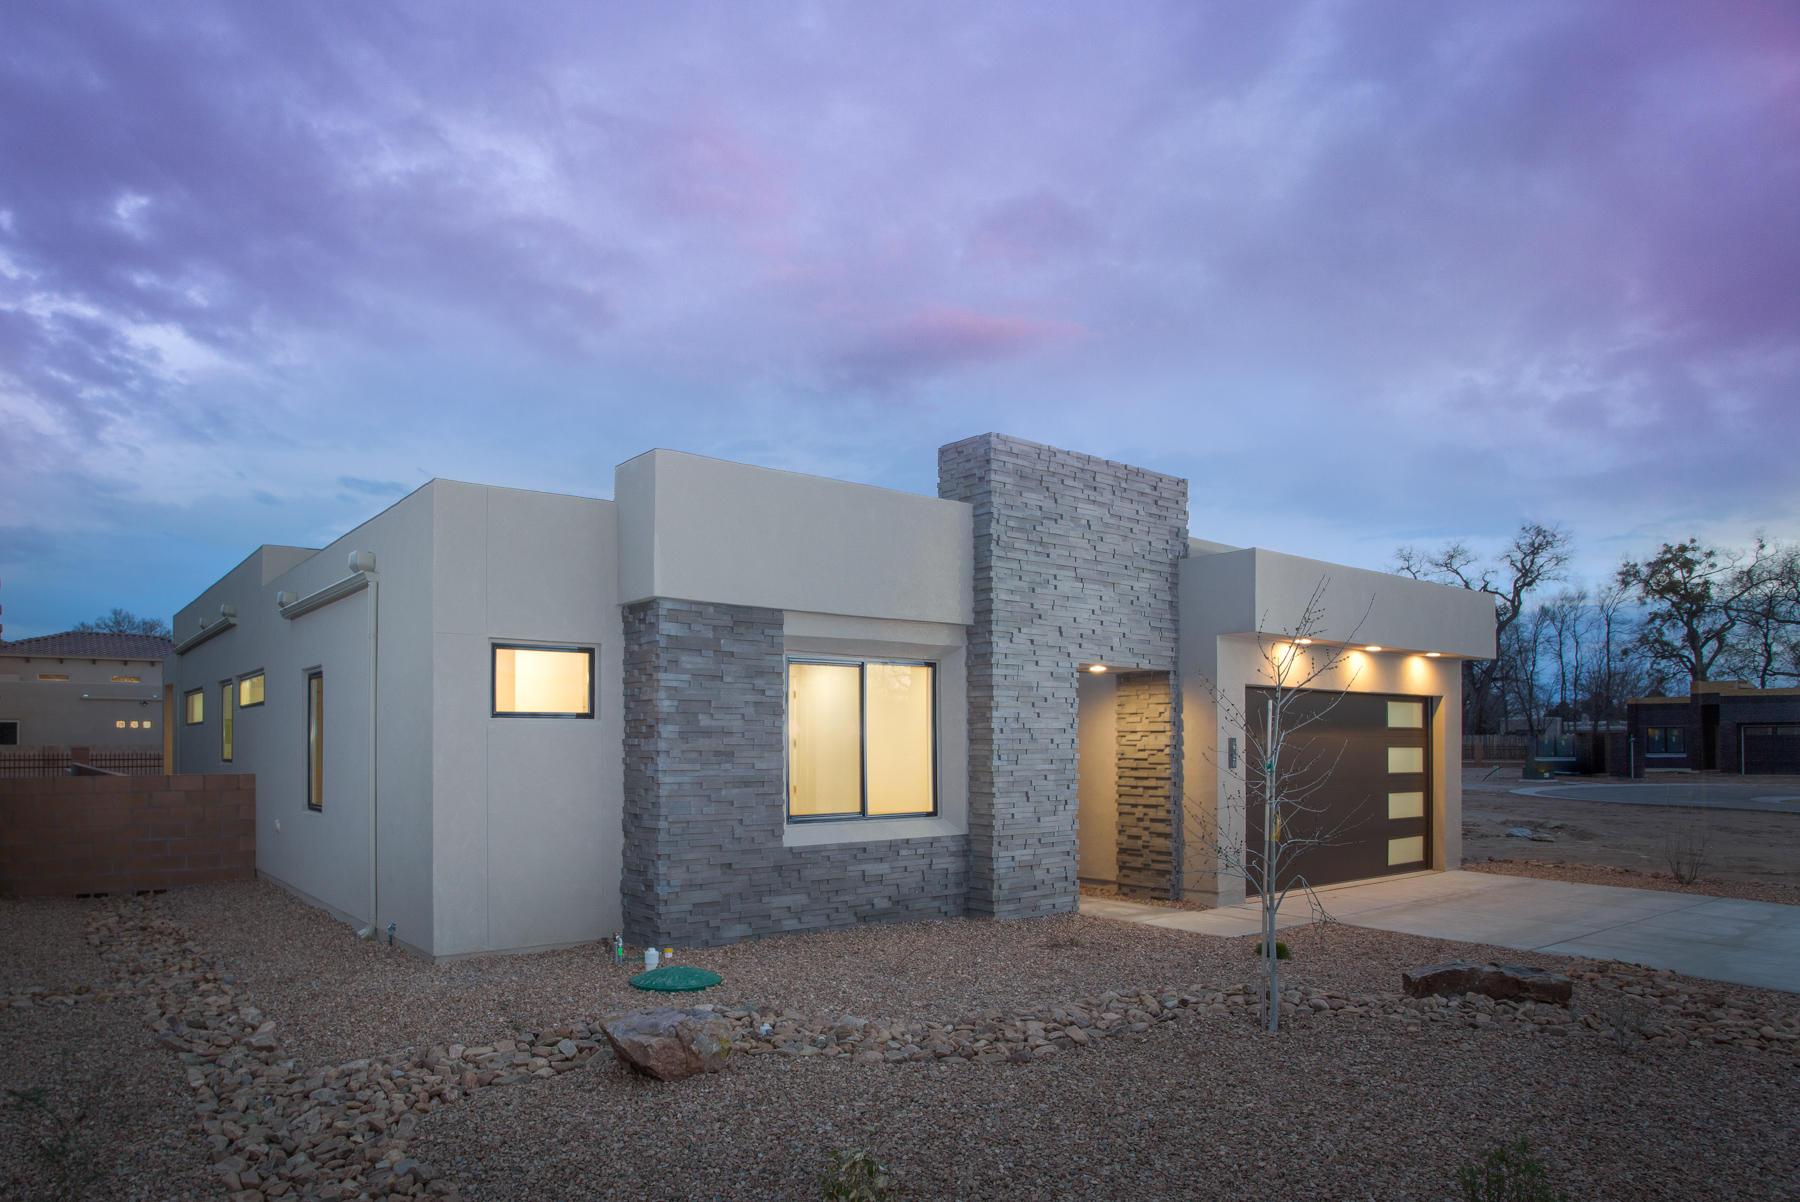 2720 PUERTA DEL BOSQUE Lane NW, Albuquerque, NM 87104 - Albuquerque, NM real estate listing